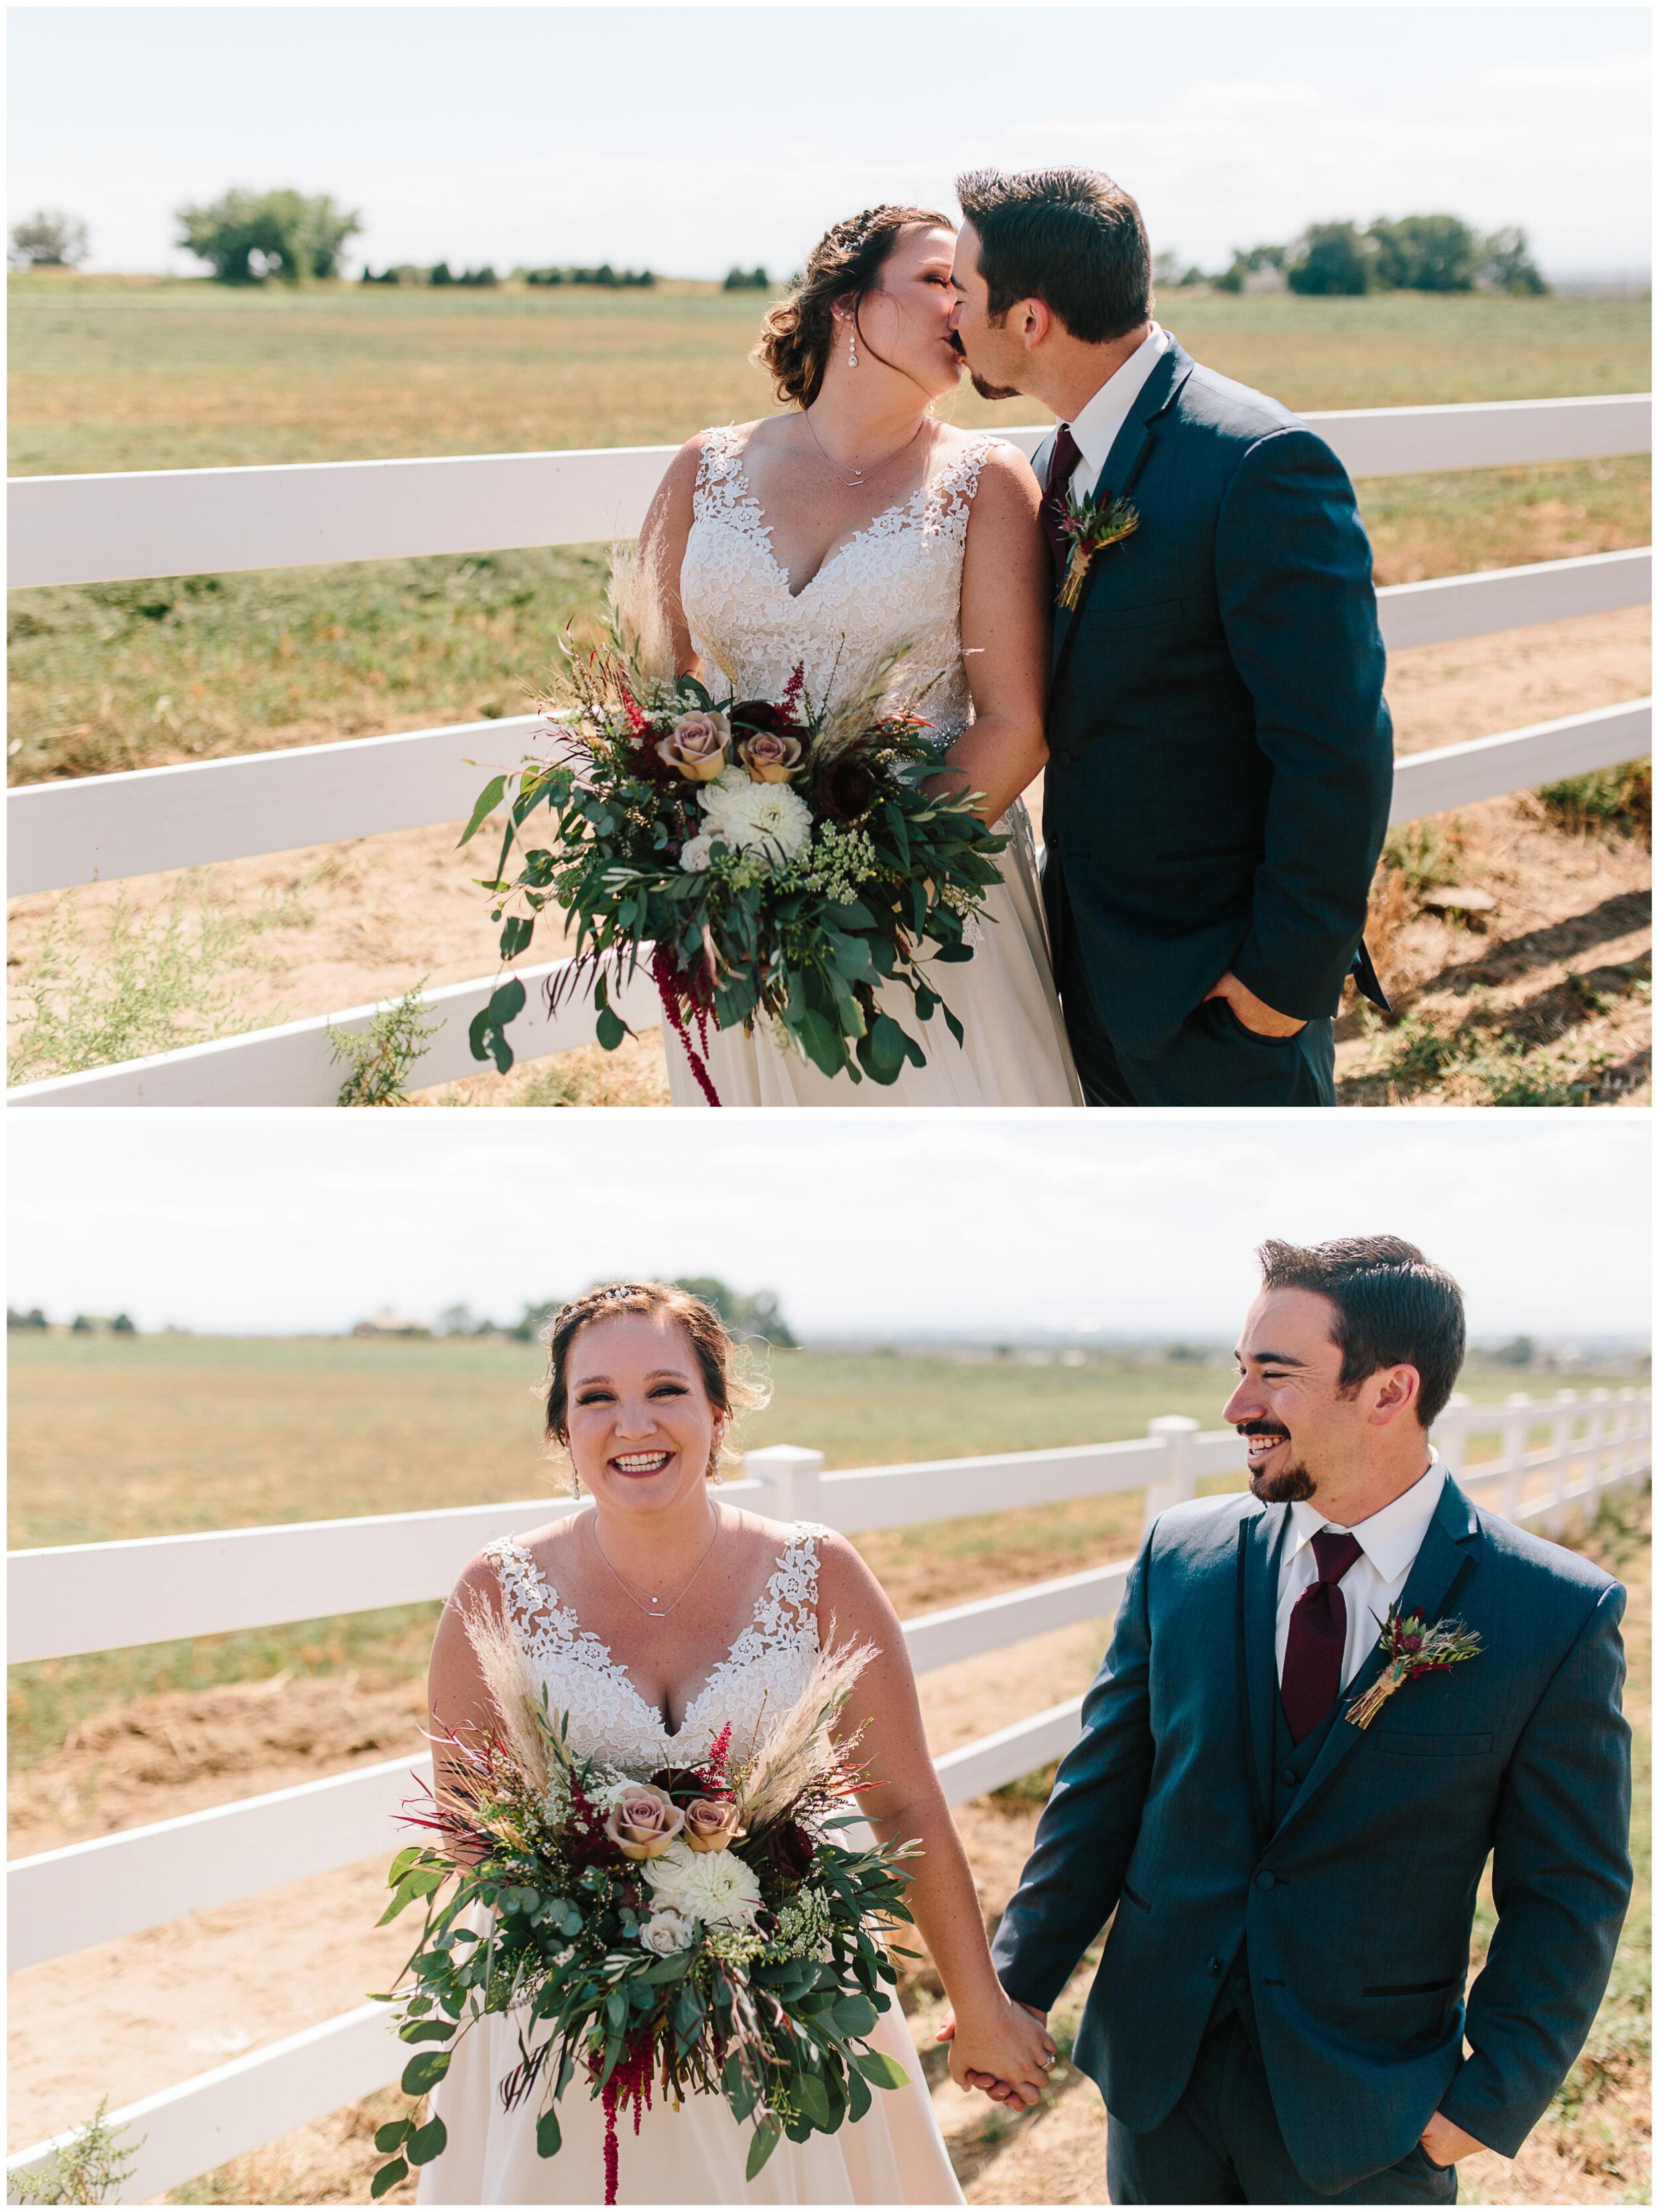 brighton_colorado_wedding_37.jpg